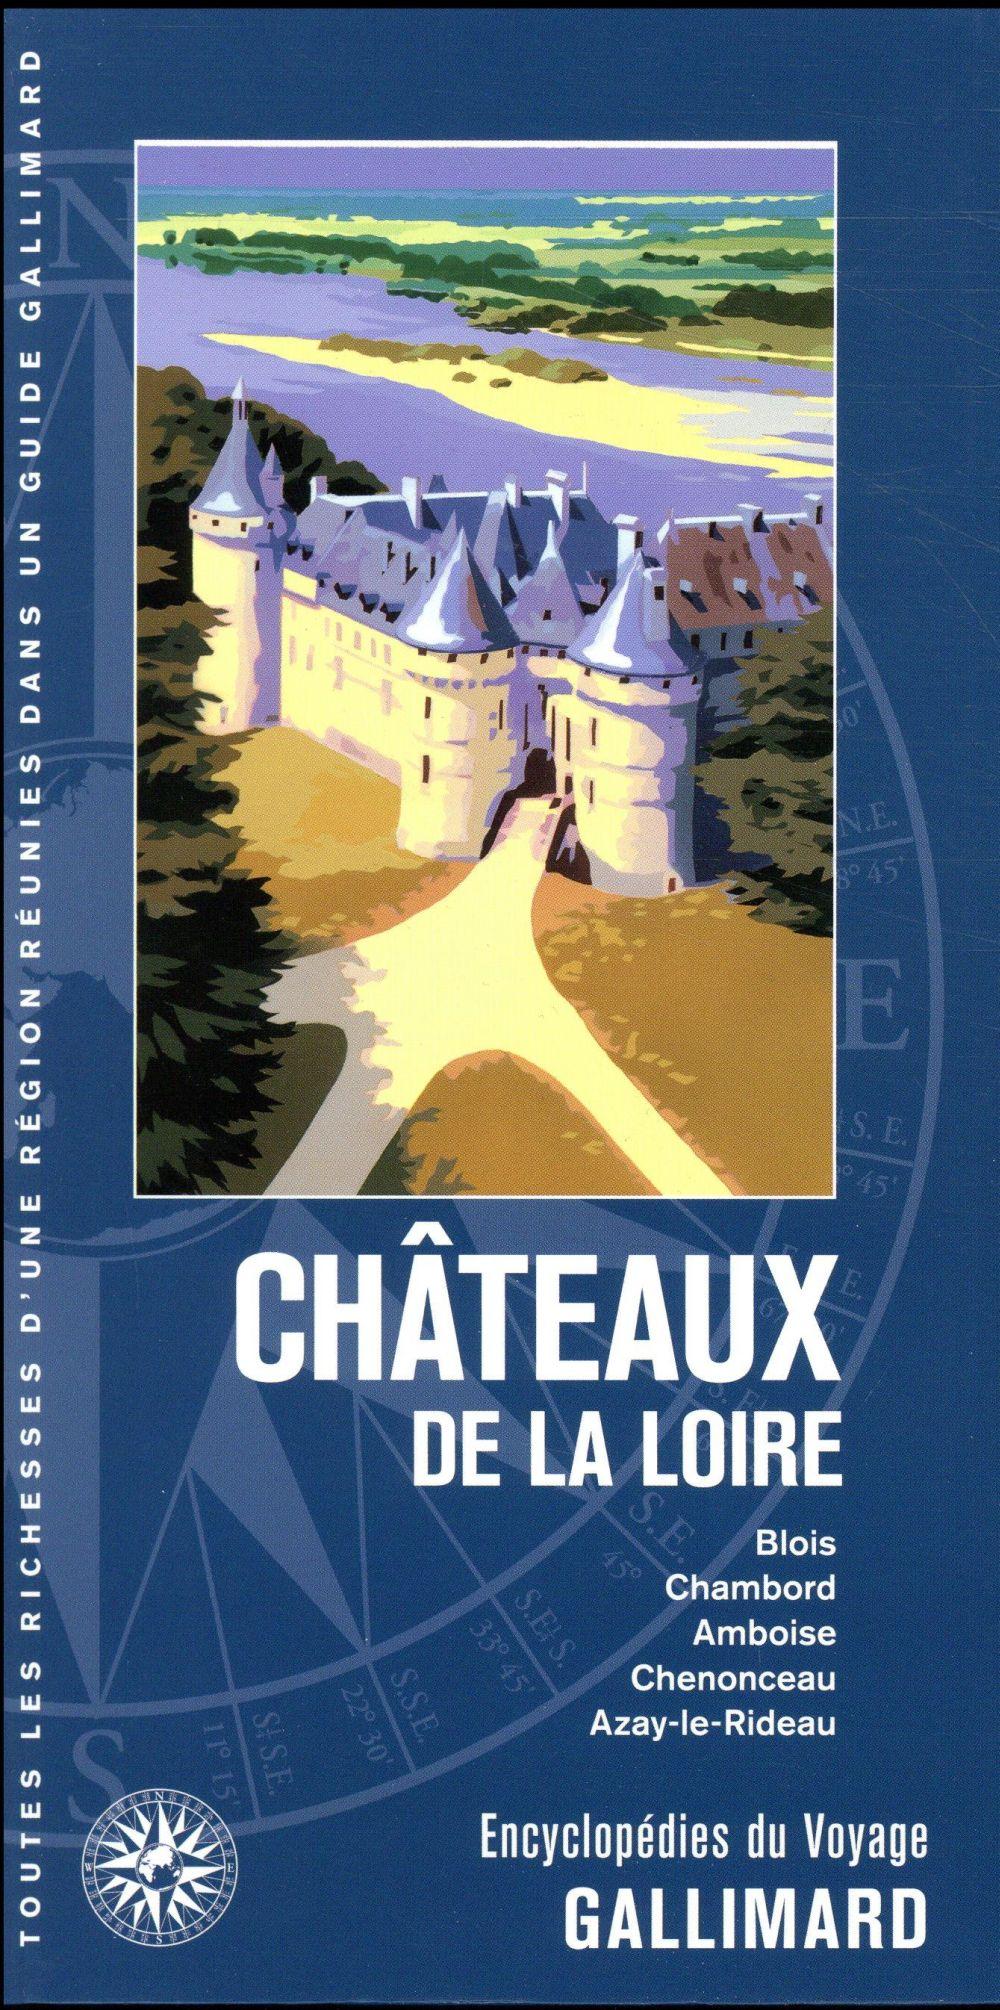 CHATEAUX DE LA LOIRE  -  BLOIS, CHAMBORD, AMBOISE, CHENONCEAU, AZAY-LE-RIDEAU... (EDITION 2018)